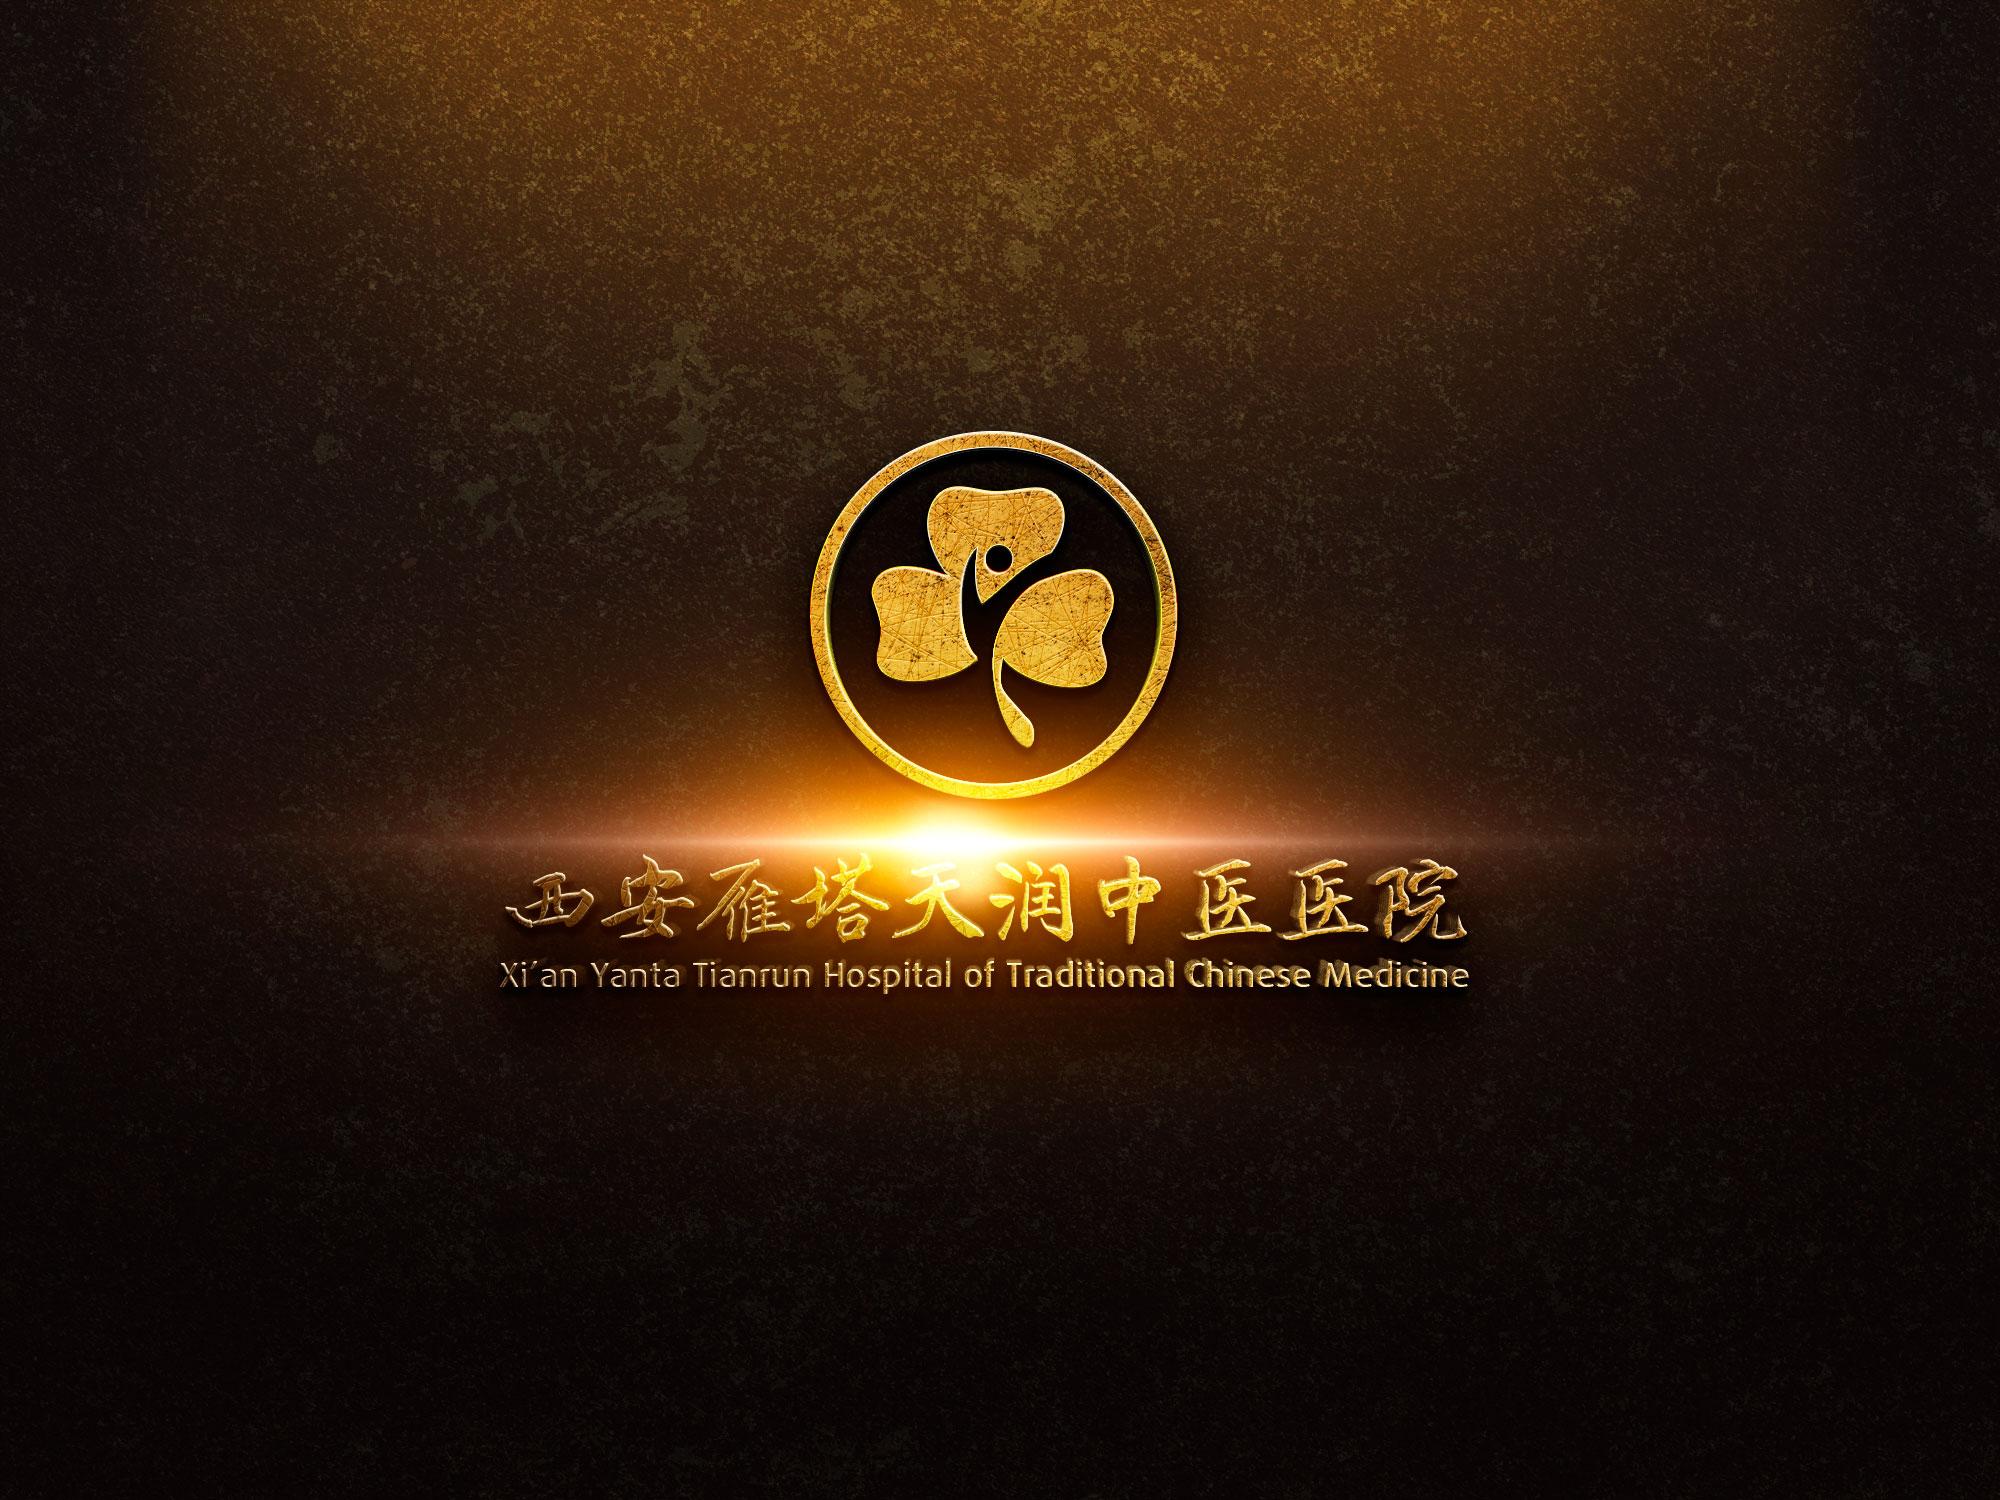 西安雁塔天润中医医院logo设计